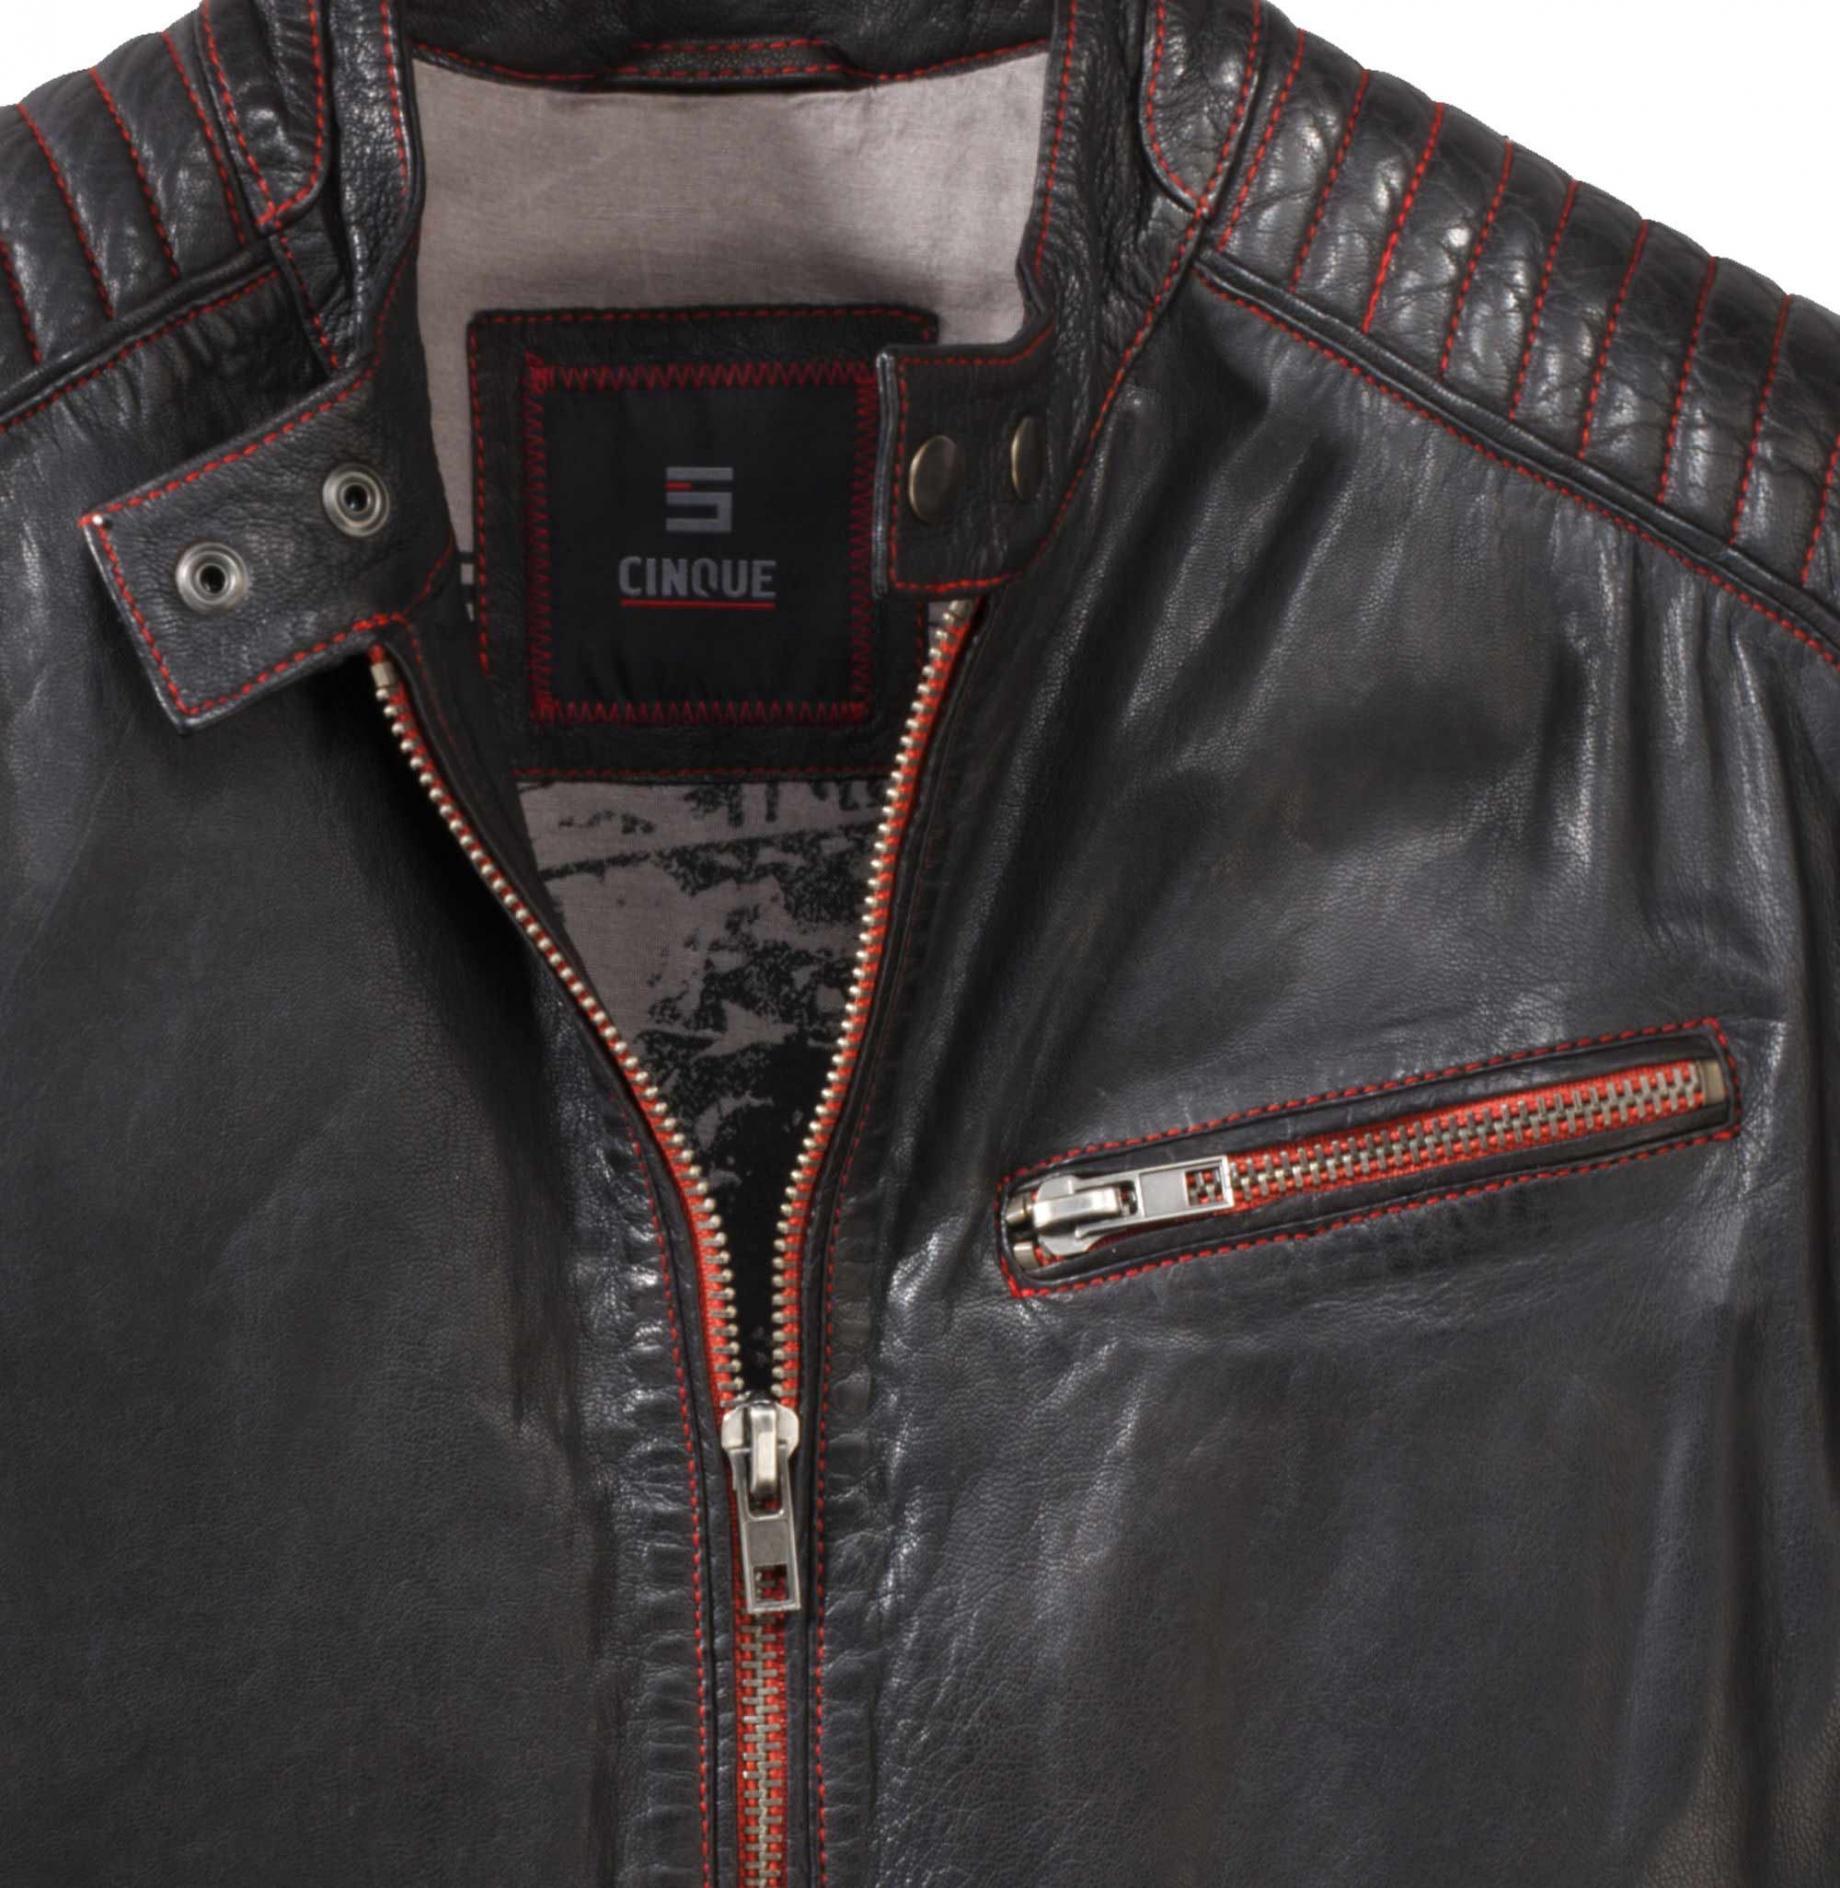 premium selection 9fa27 6a233 Marken-Herren-Lederjacke schwarz | Herren-/Kinder-Mode ...